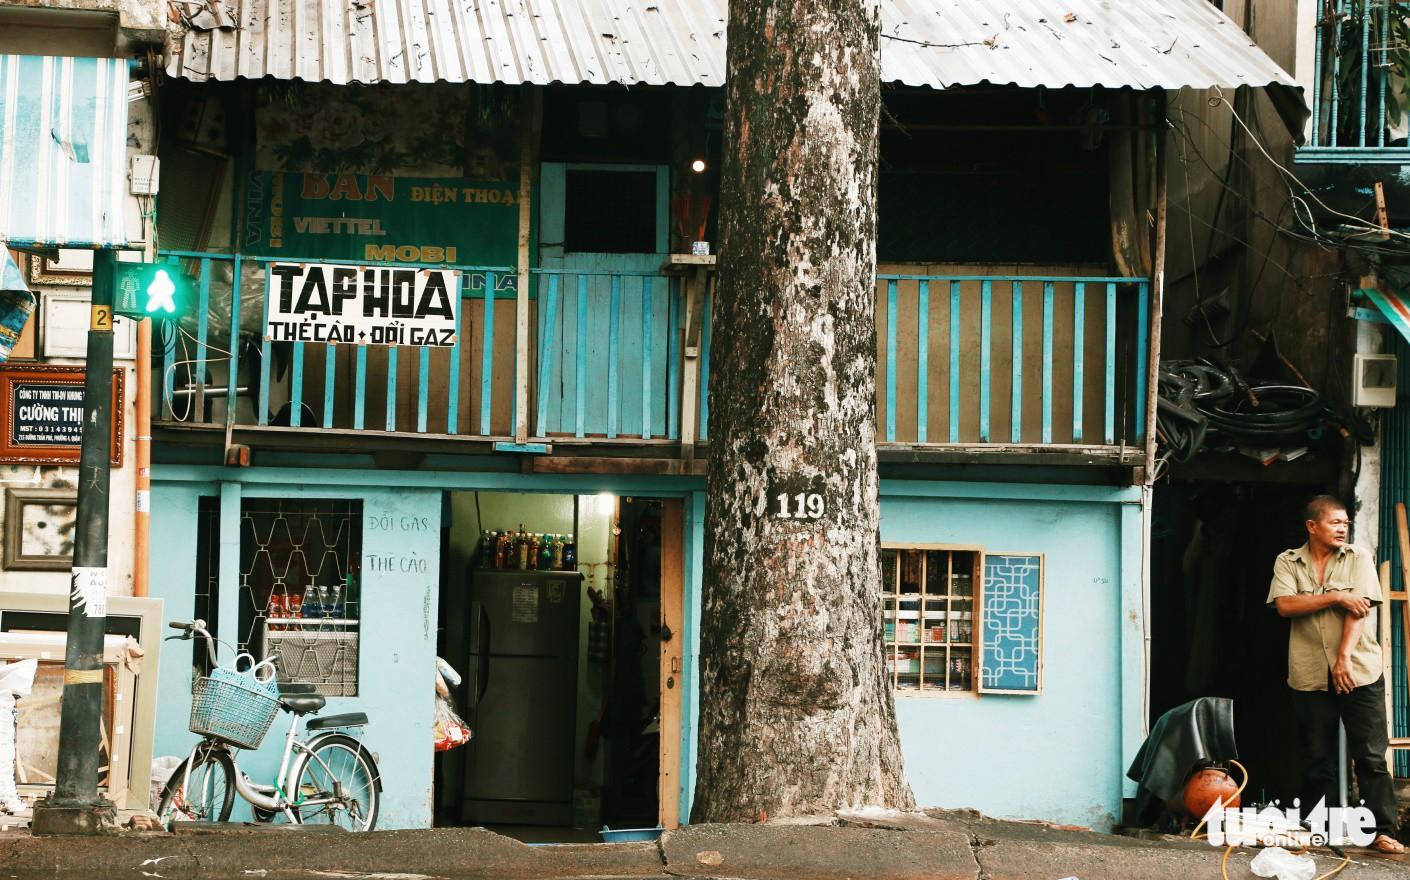 Nhìn những biển hiệu này để thấy Sài Gòn quá đỗi dễ thương - Ảnh 4.